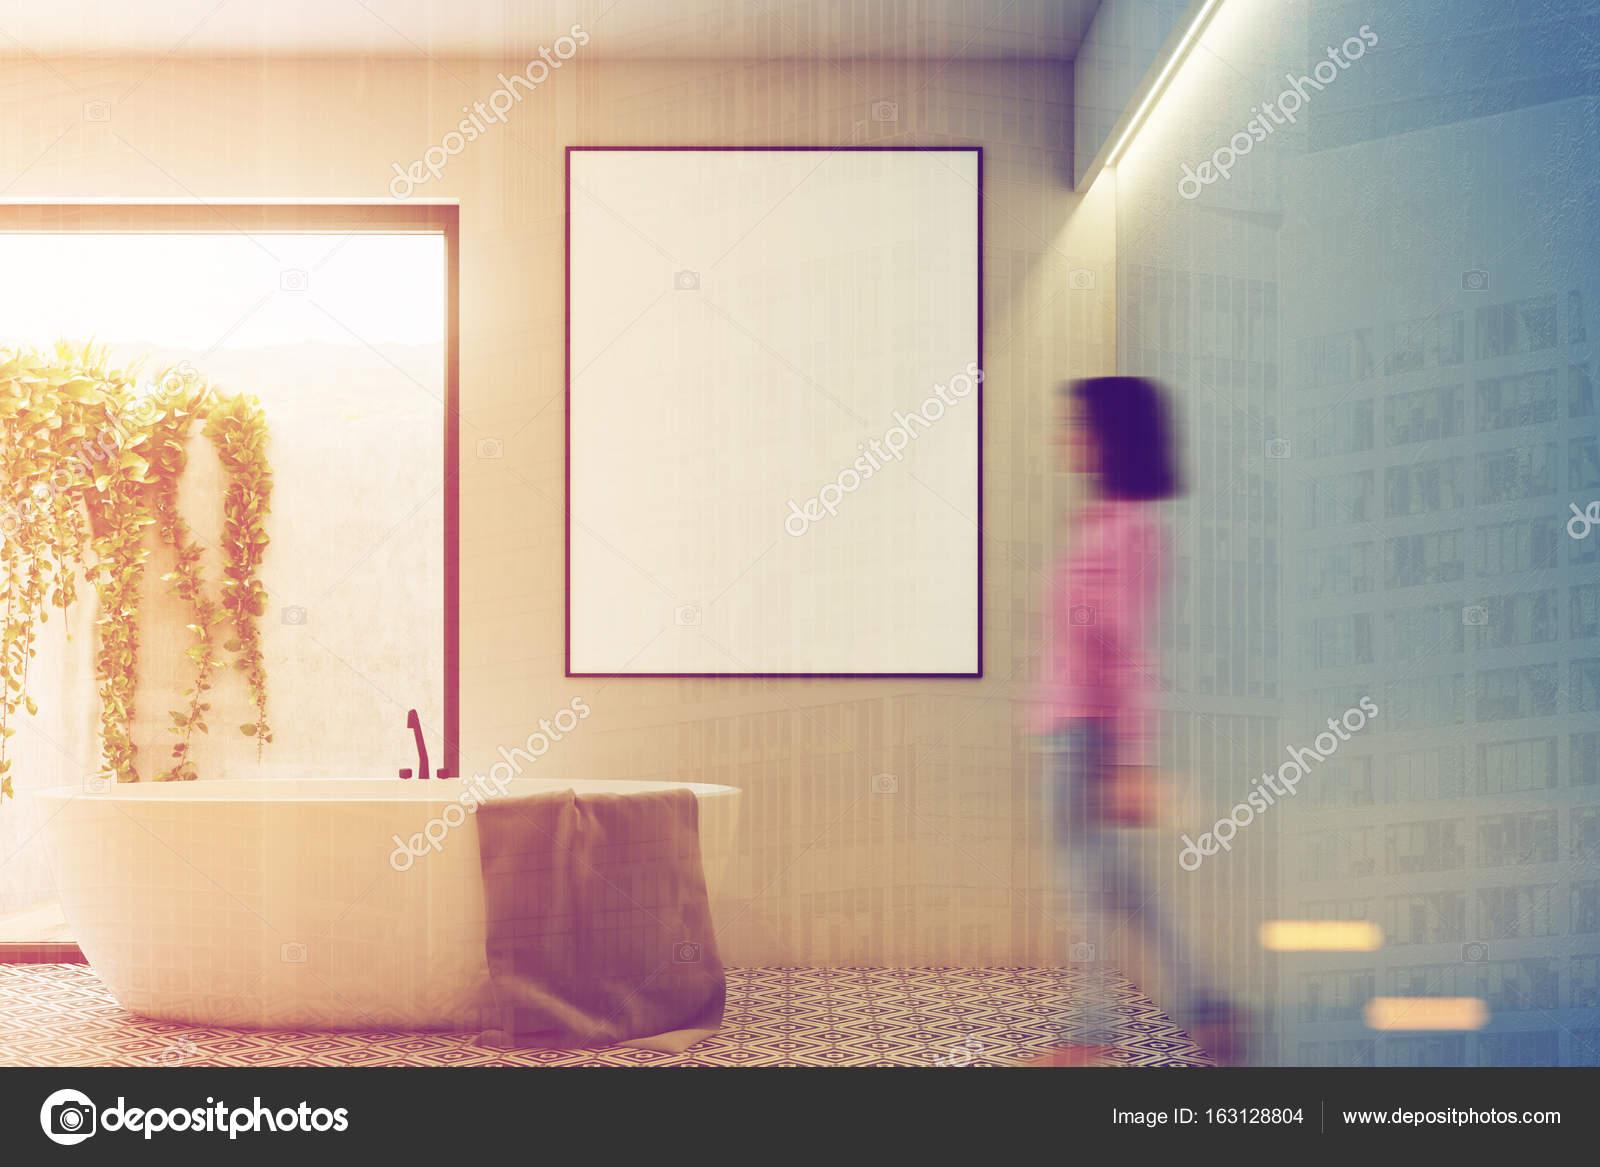 Frau In Einem Weißen Badezimmer Interieur Mit Einem Fliesenboden, Ein  Gerahmtes Vertikale Poster Und Eine Tür Zum Hof Mit Einem Werk An Der Wand.